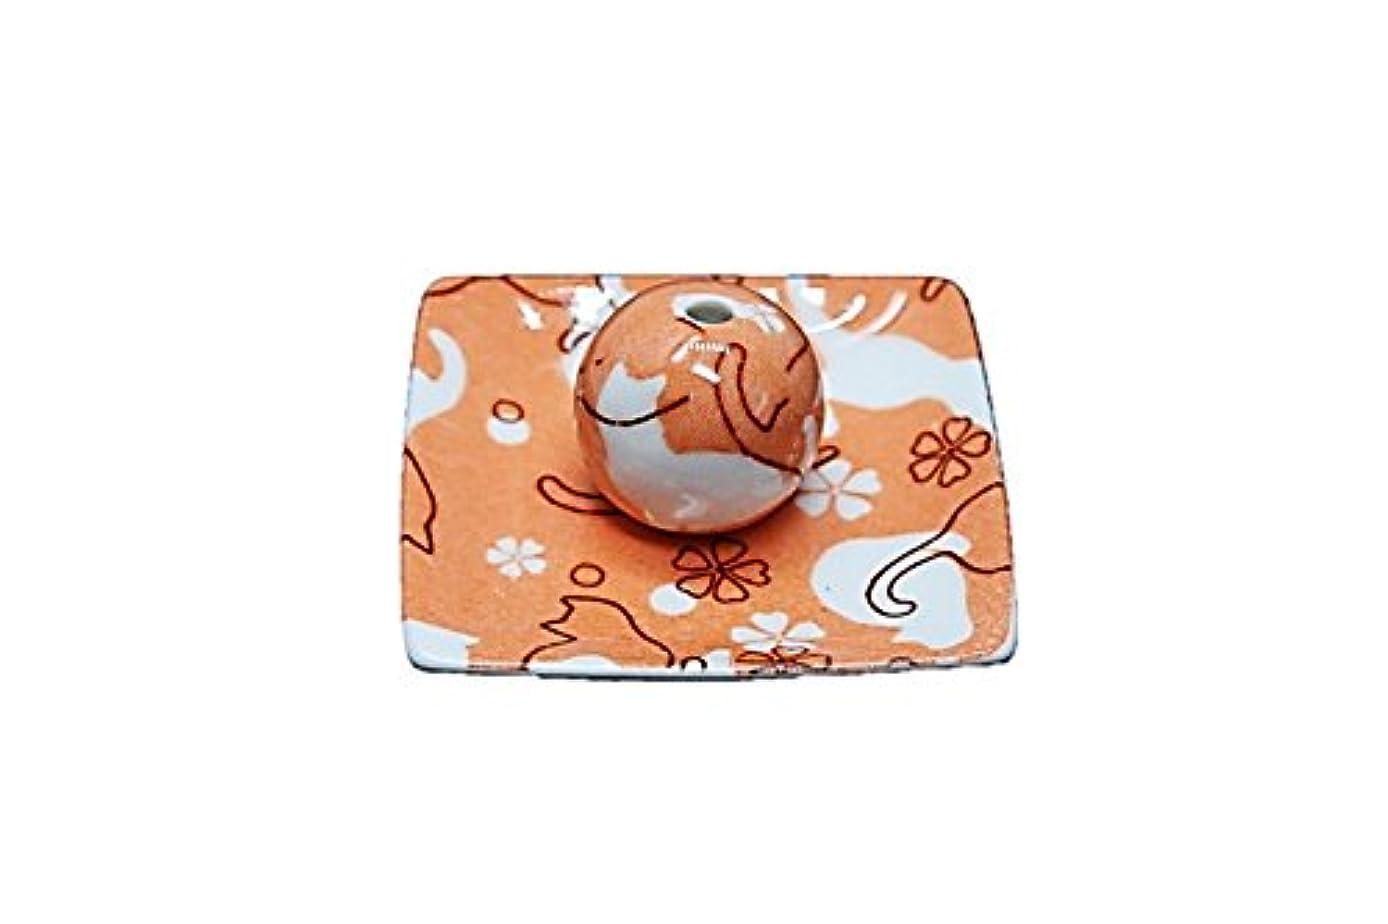 睡眠文明化ホイップネコ ランド オレンジ 小角皿 お香立て 陶器 ねこ 製造 直売